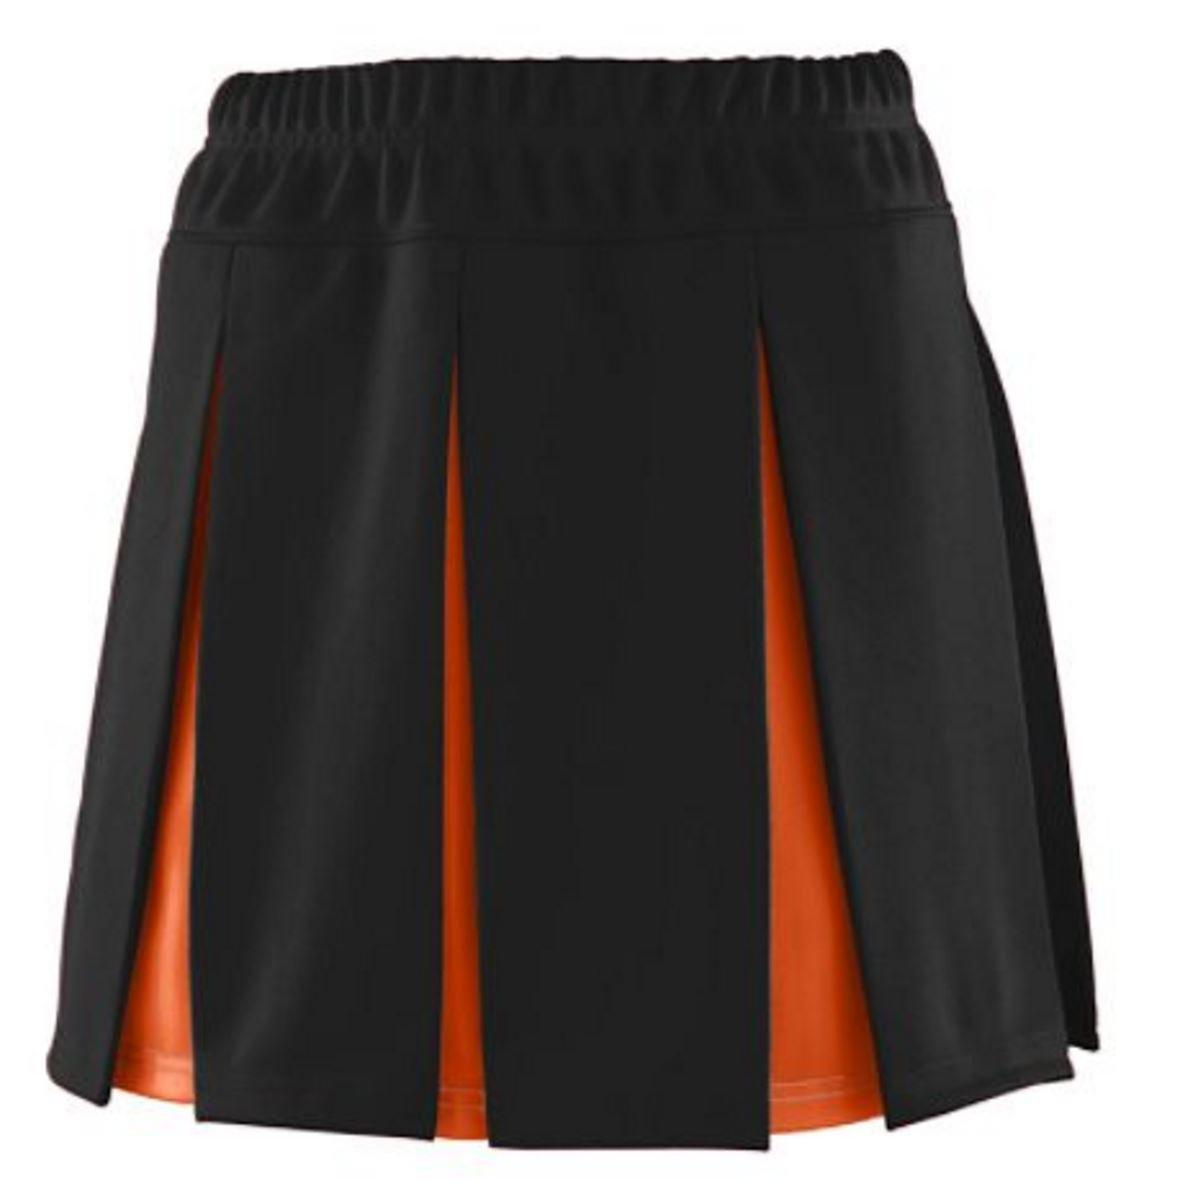 9e09f5d307 AU Liberty Skirt